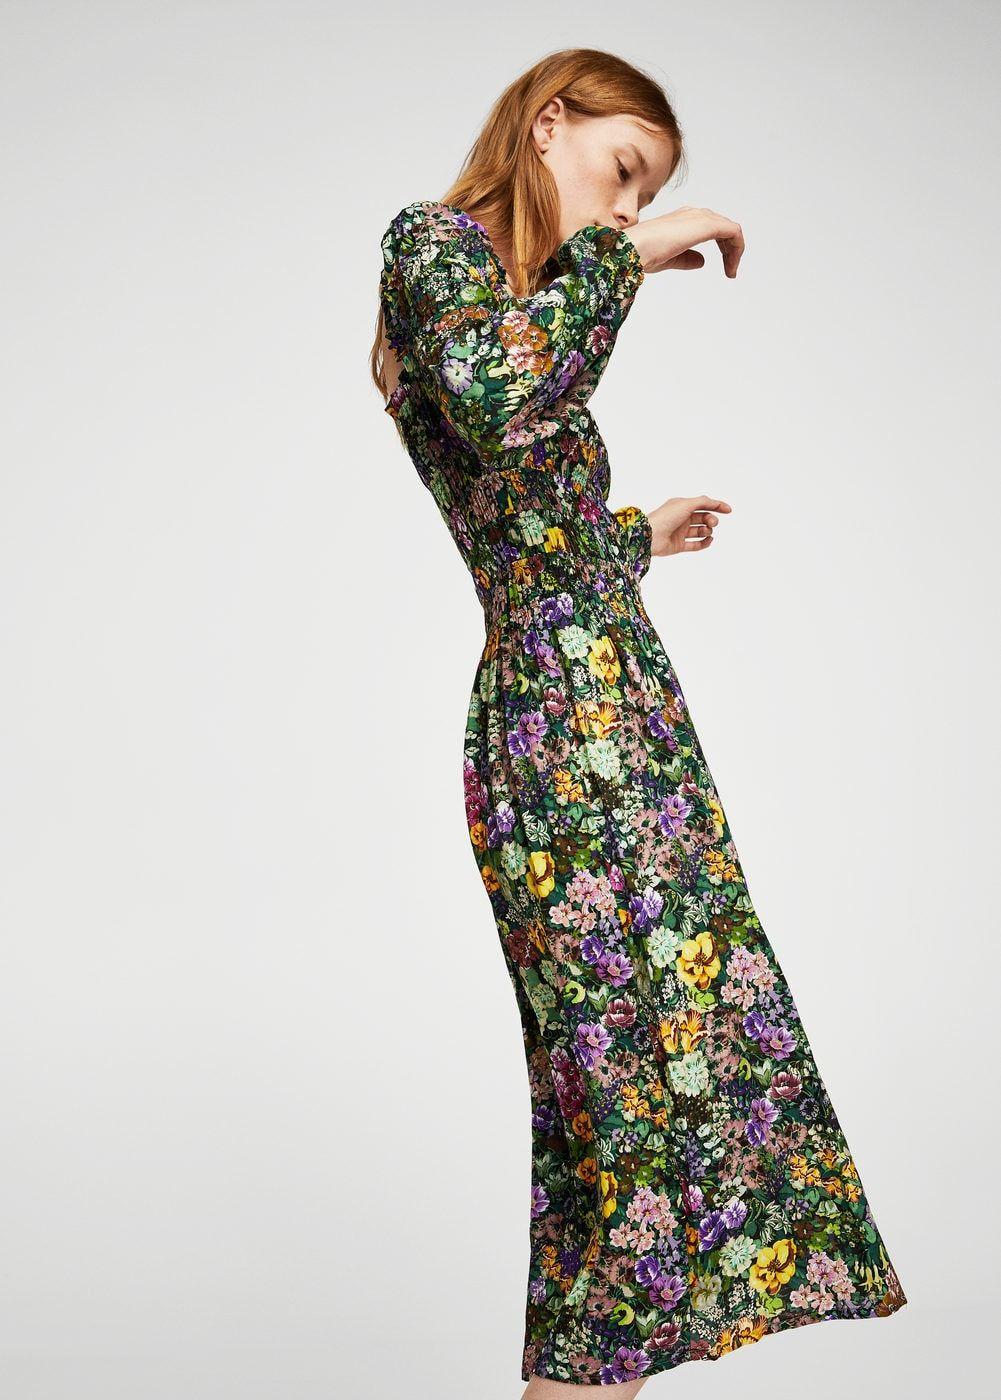 Floral print dress - Women   Mango, Österreich und Kleider damen